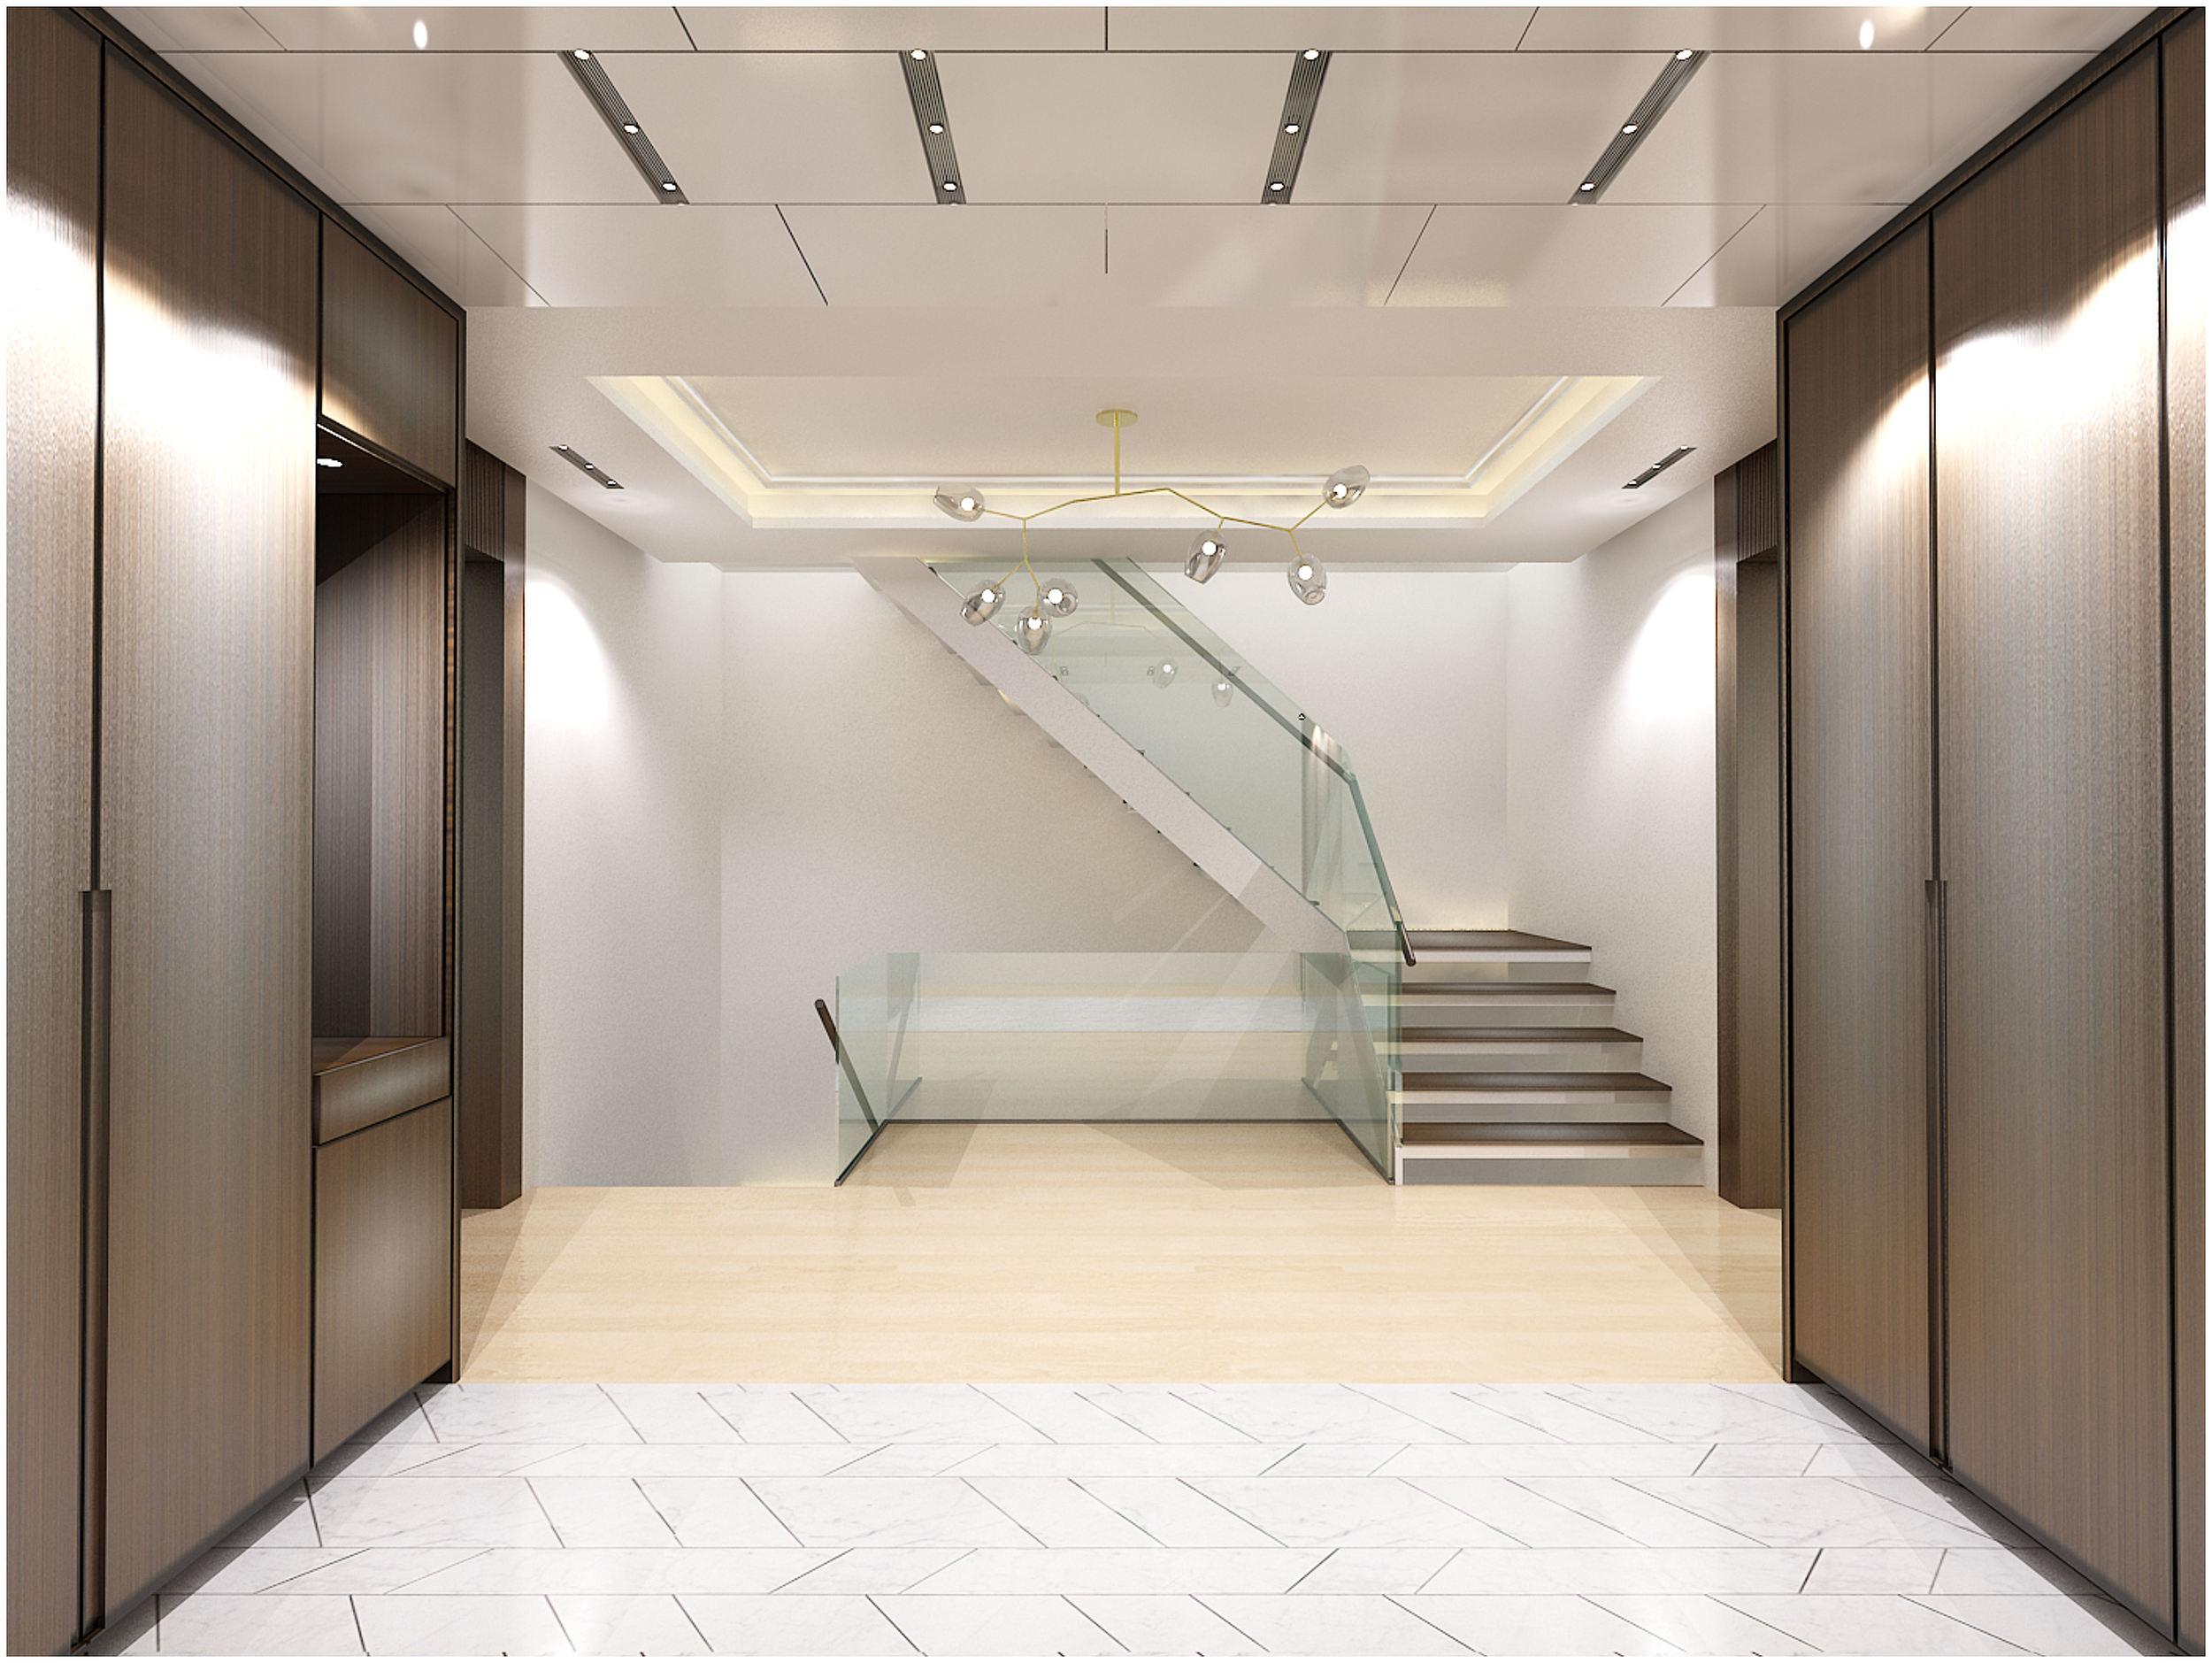 01_02_foyer.jpg